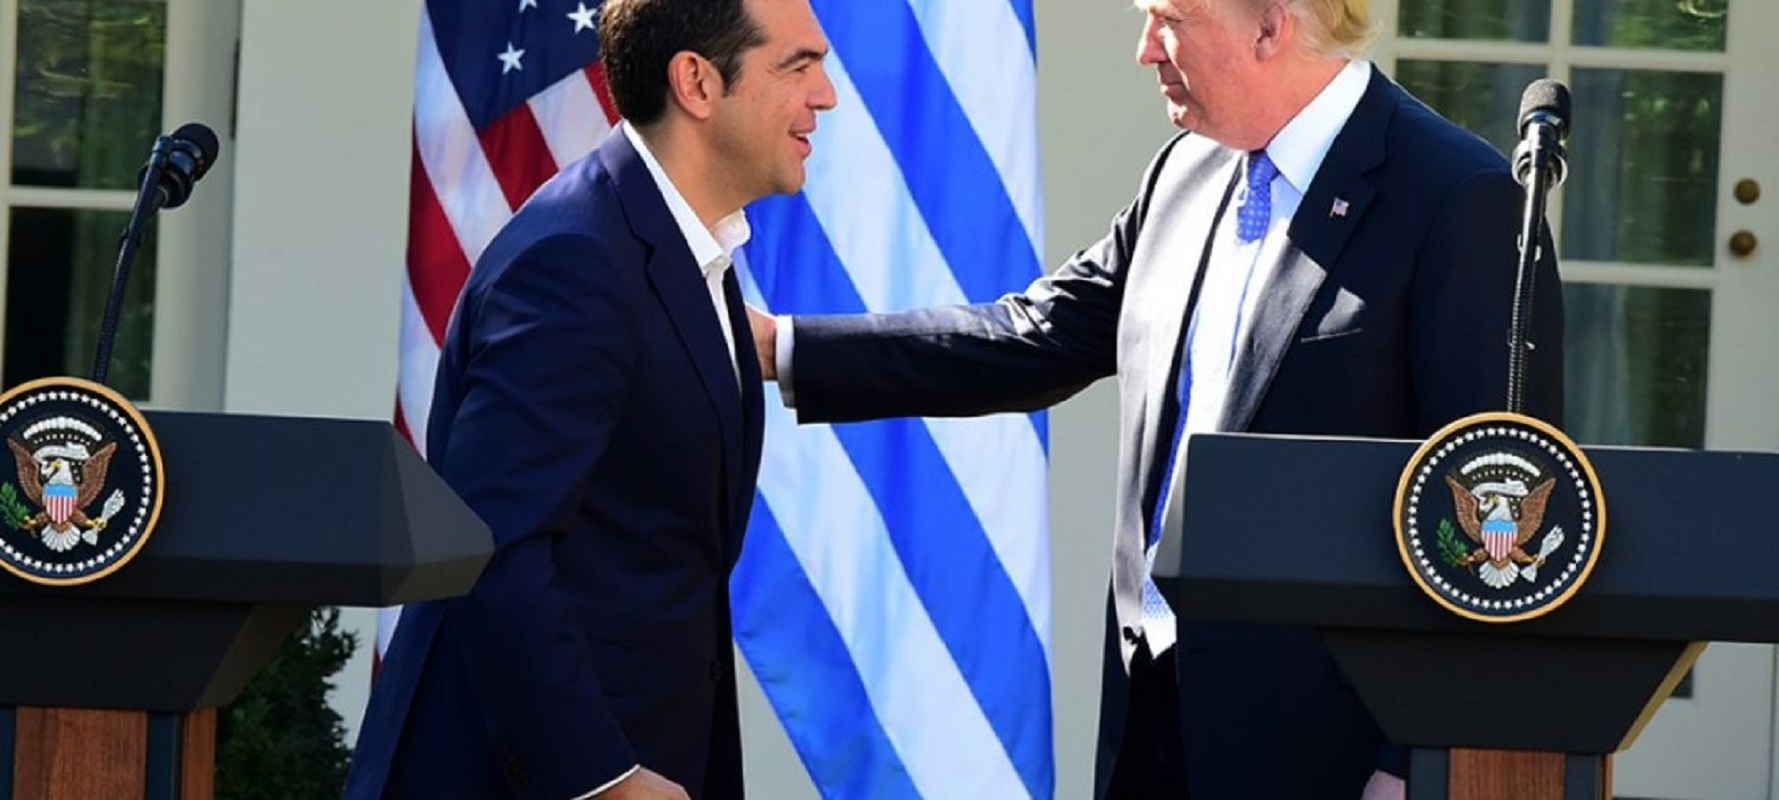 """Η στιγμή που… """"πάγωσε"""" ο Μητσοτάκης! (ΒΙΝΤΕΟ) #Τραμπ #Τσίπρας"""